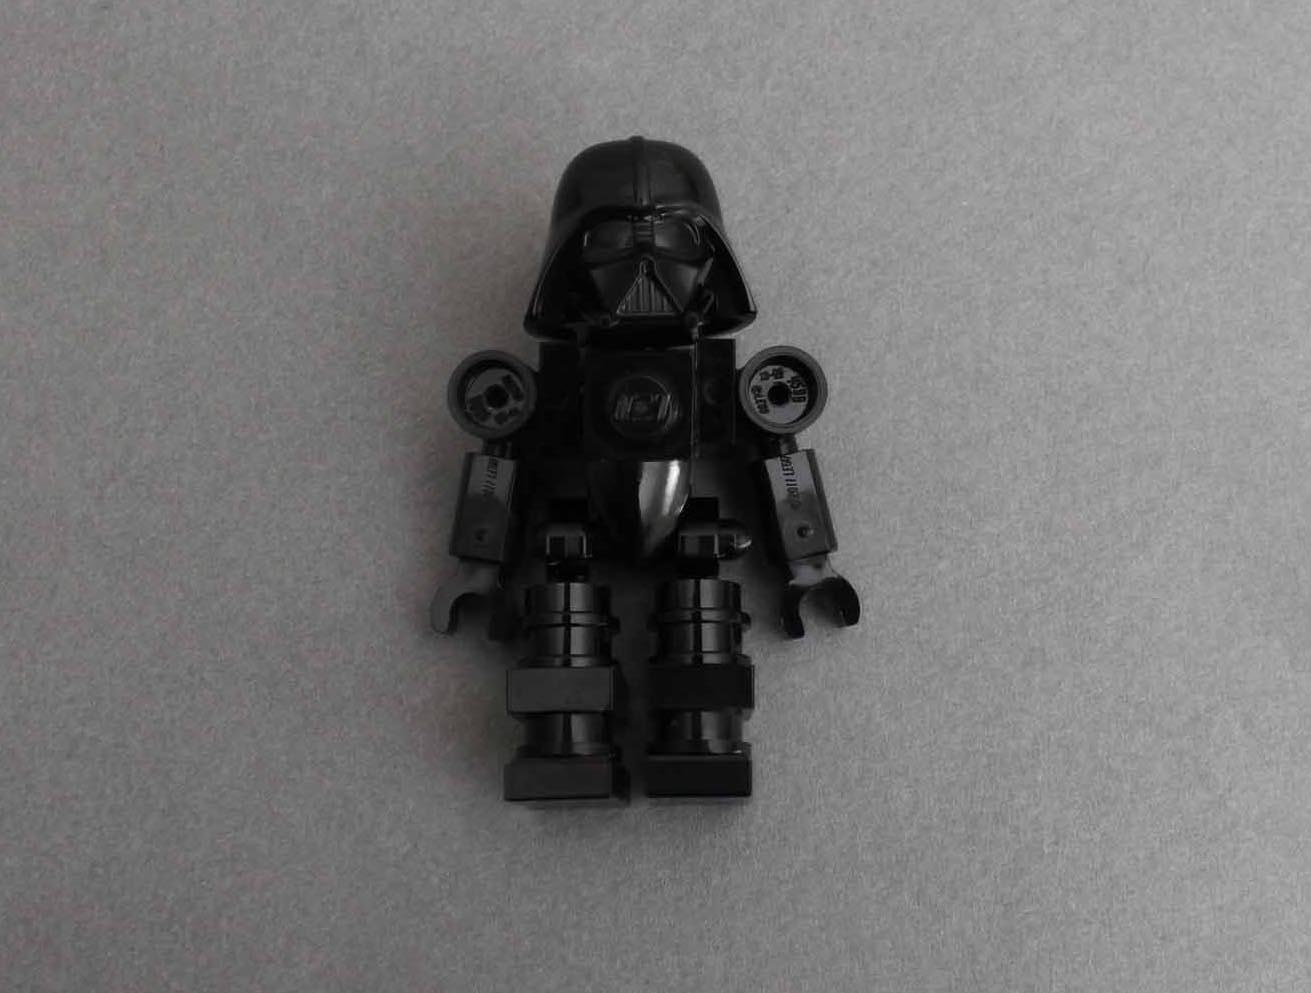 Darth Vader Step 4